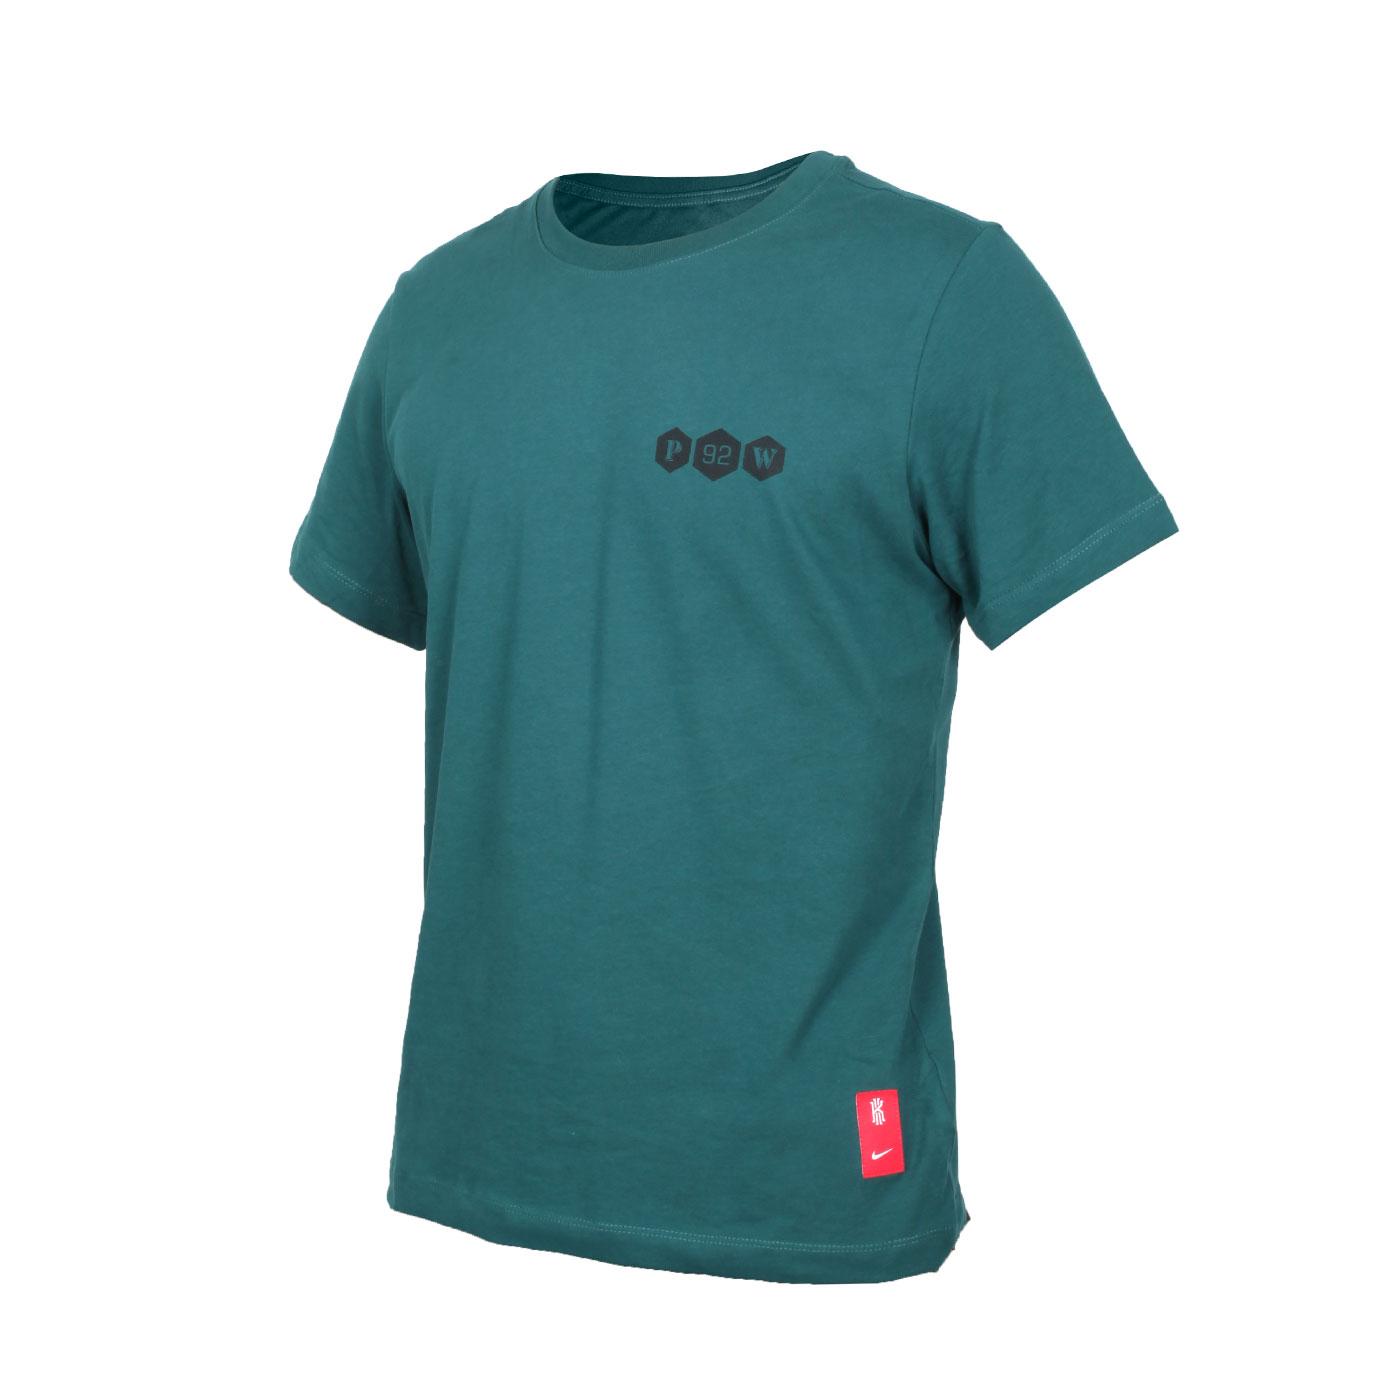 NIKE 男款短袖T恤 CV2061-300 - 深綠黑